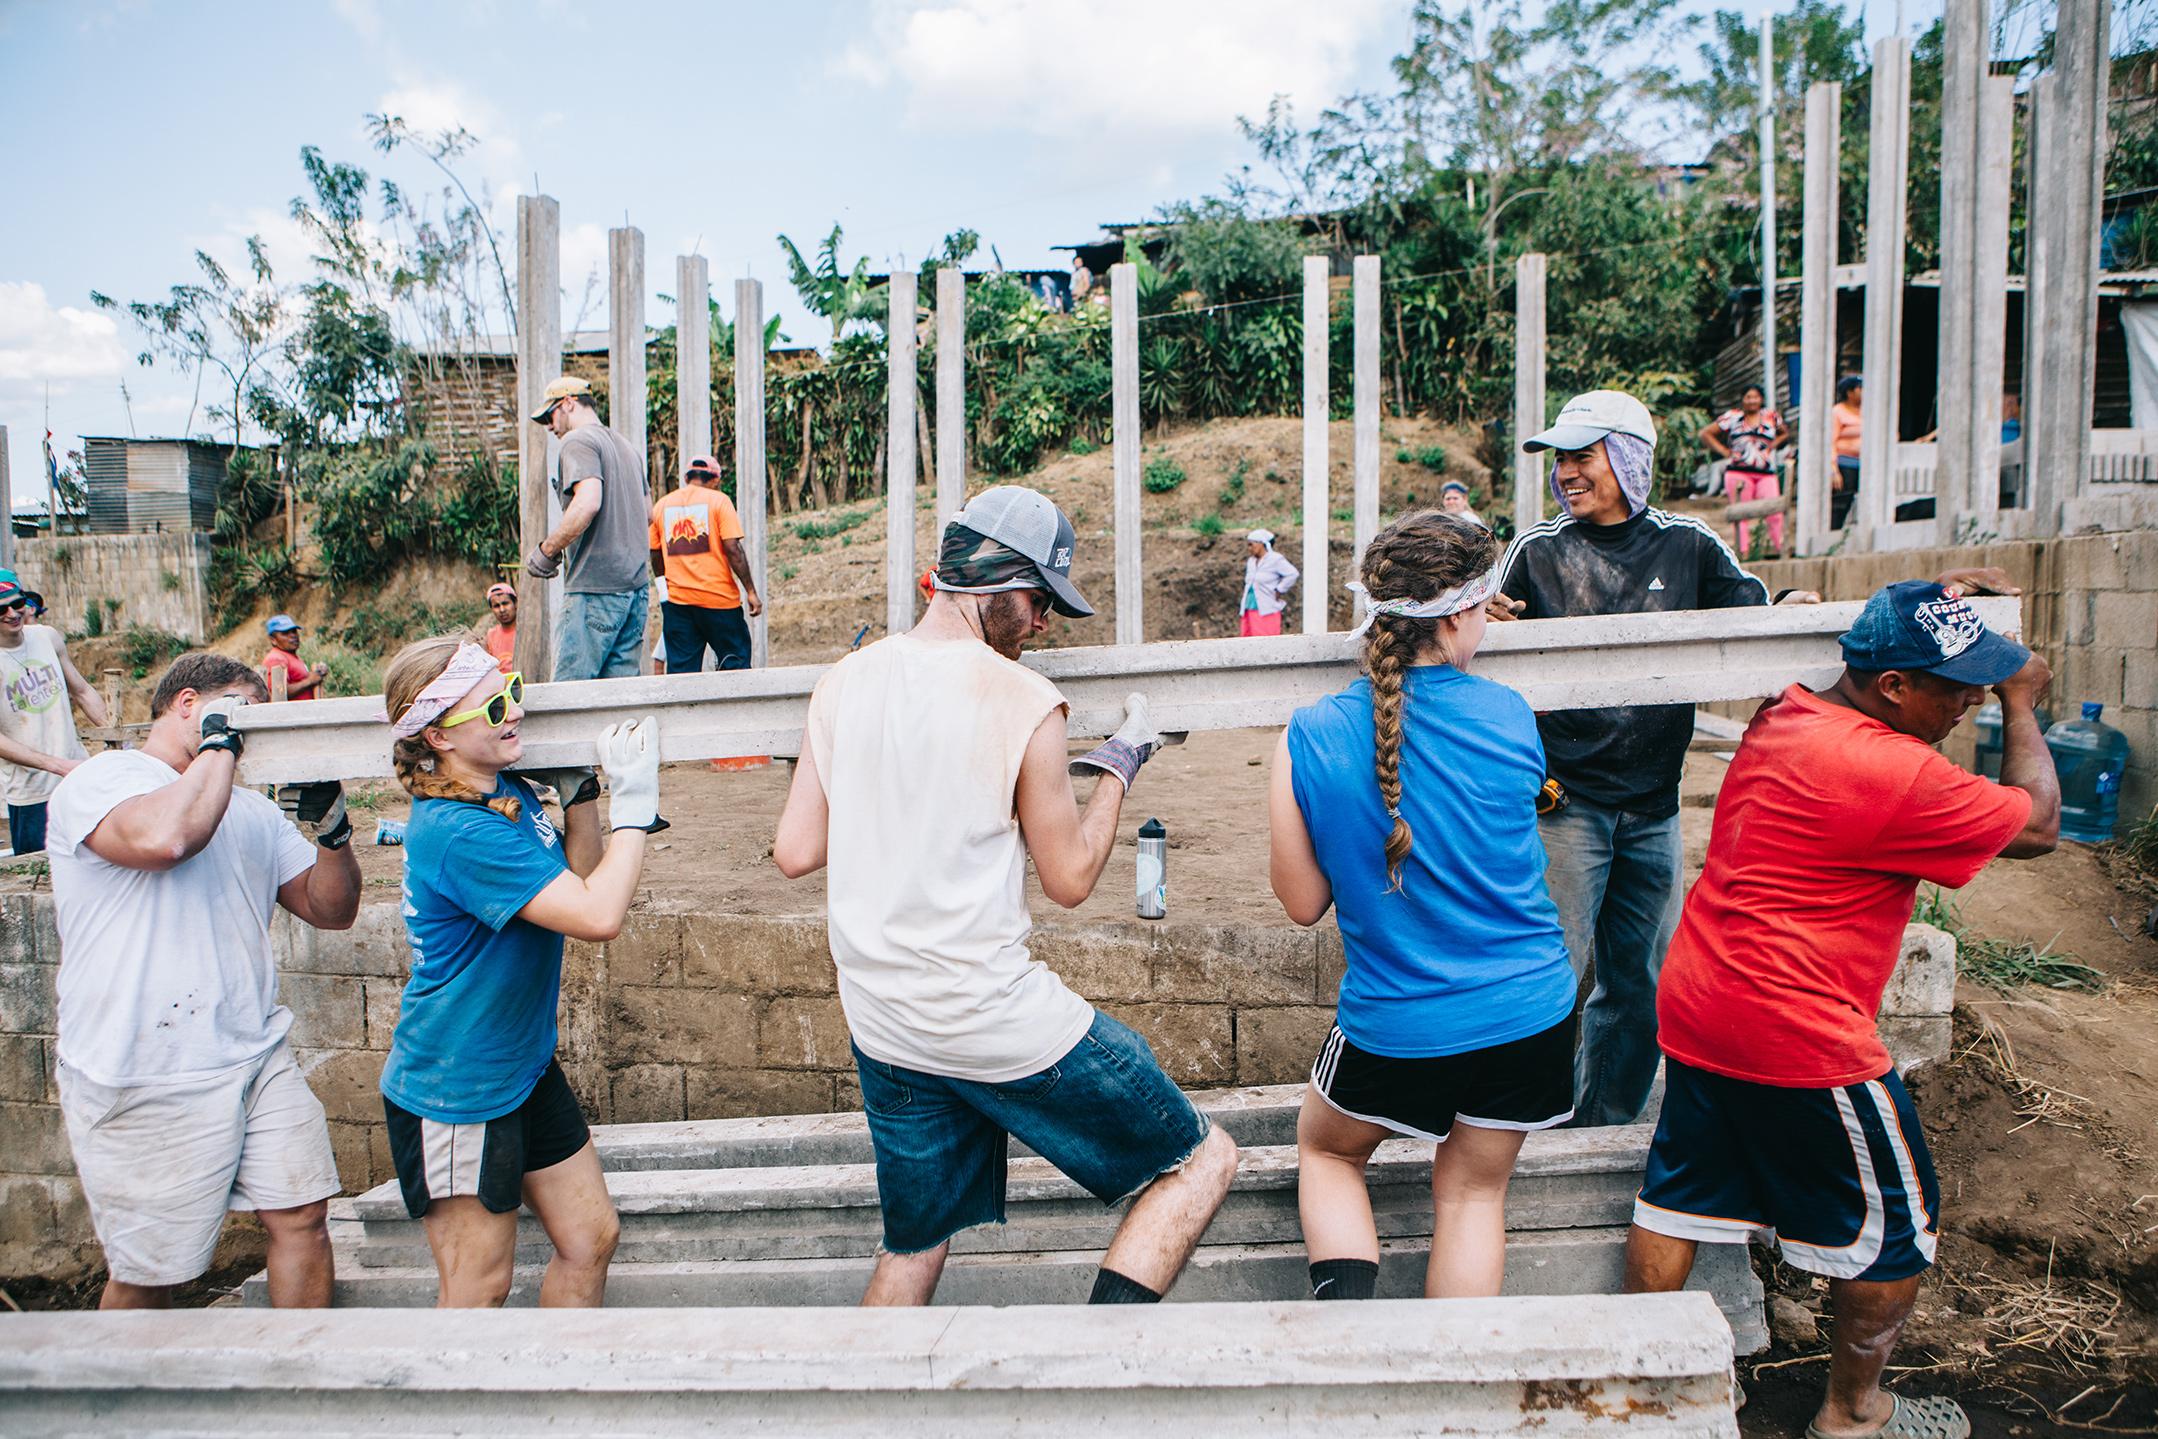 Carrying support posts. Talnique, El Salvador